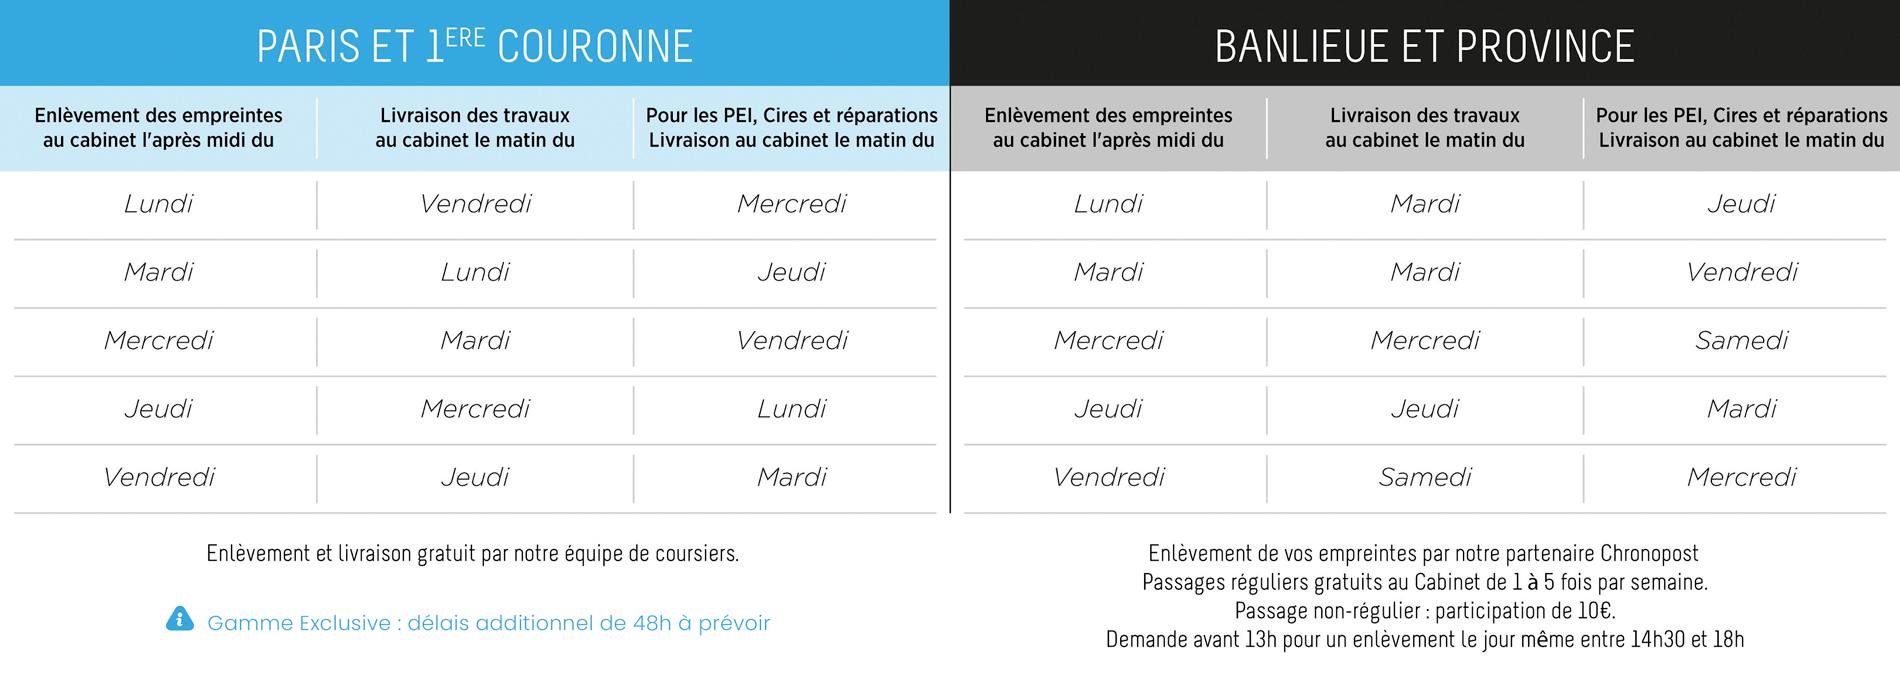 Délais Paris et Province new